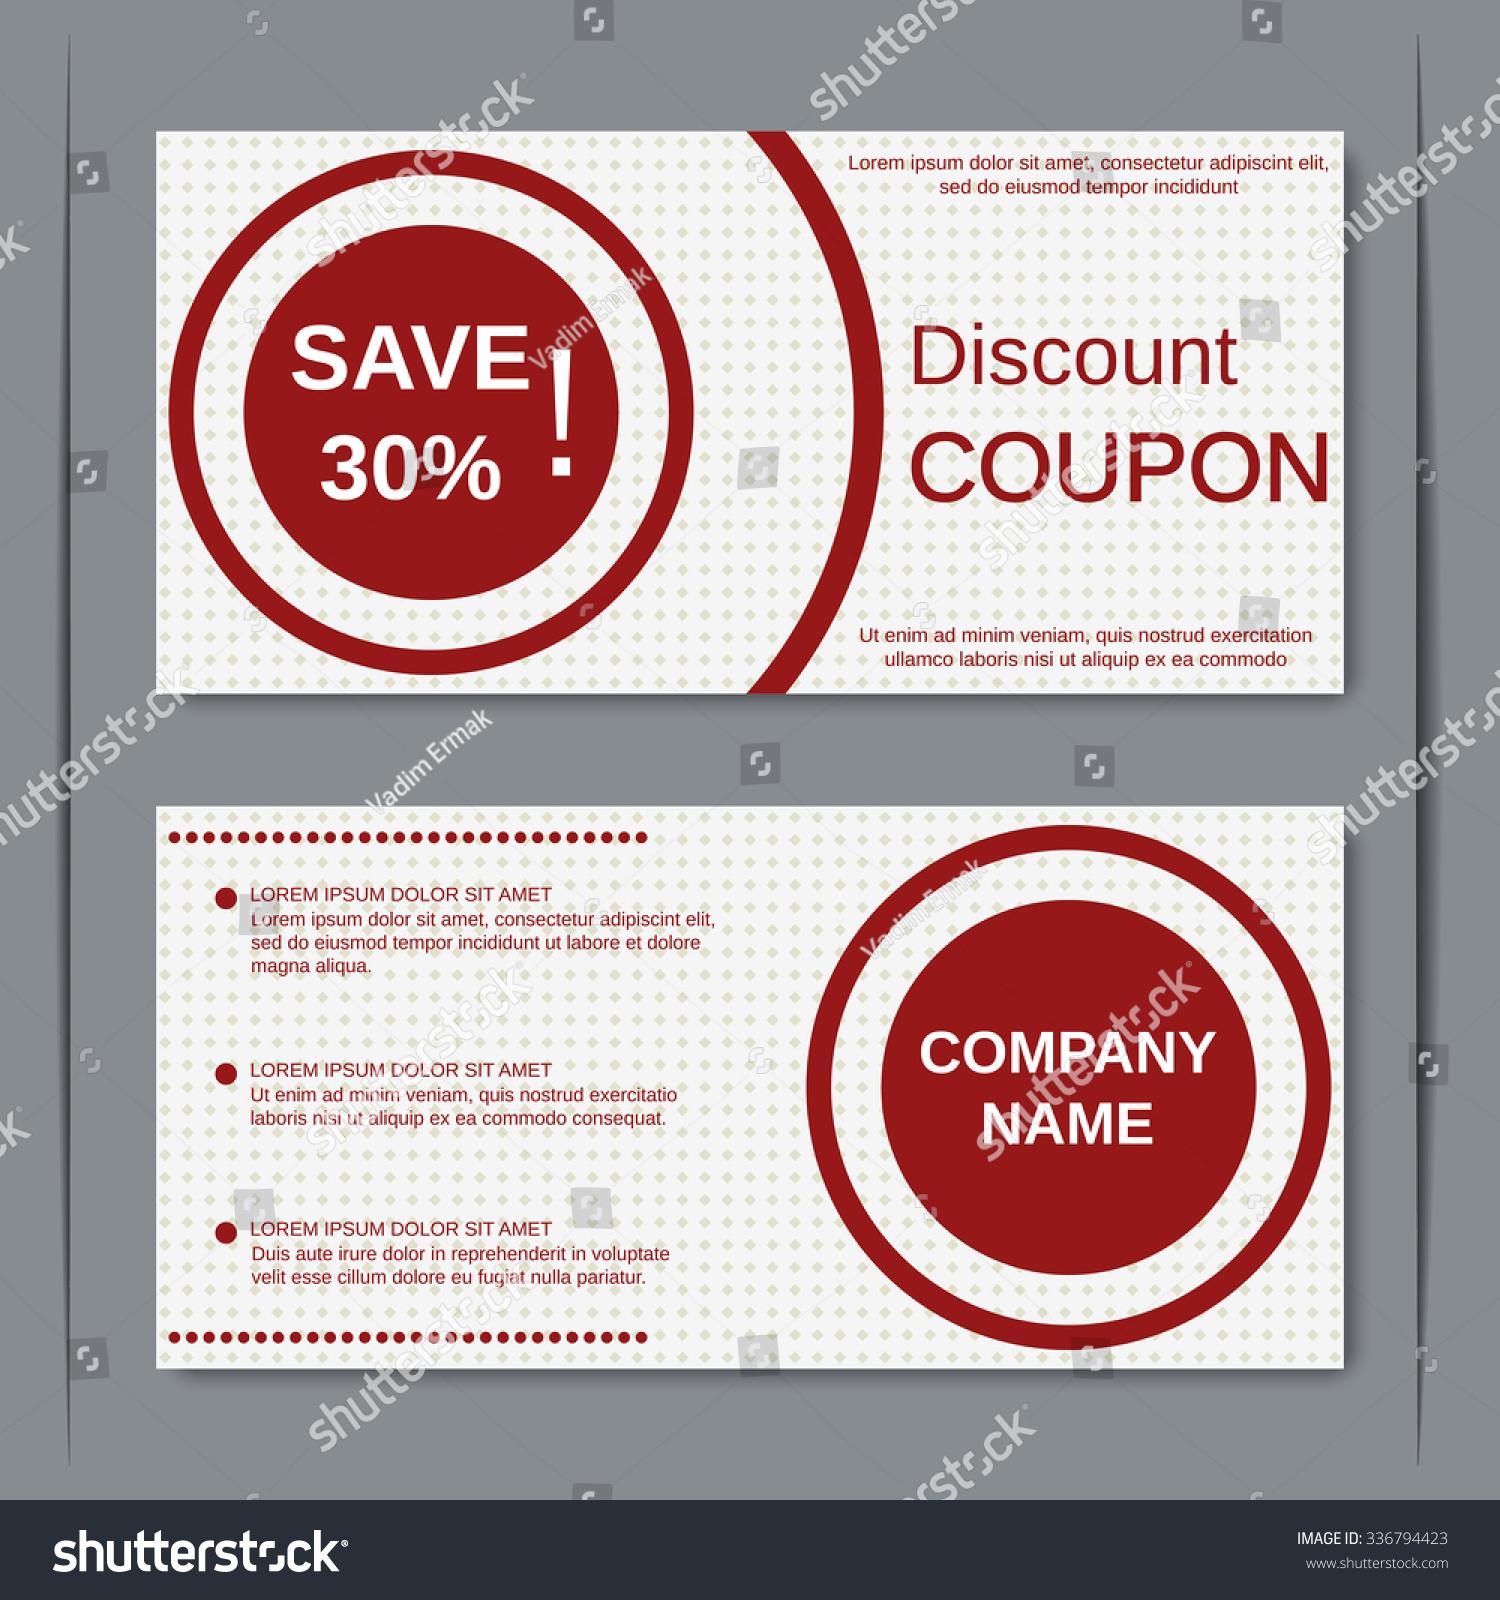 Discount Coupon Gift Voucher Gift Certificate Vector – Discount Voucher Design